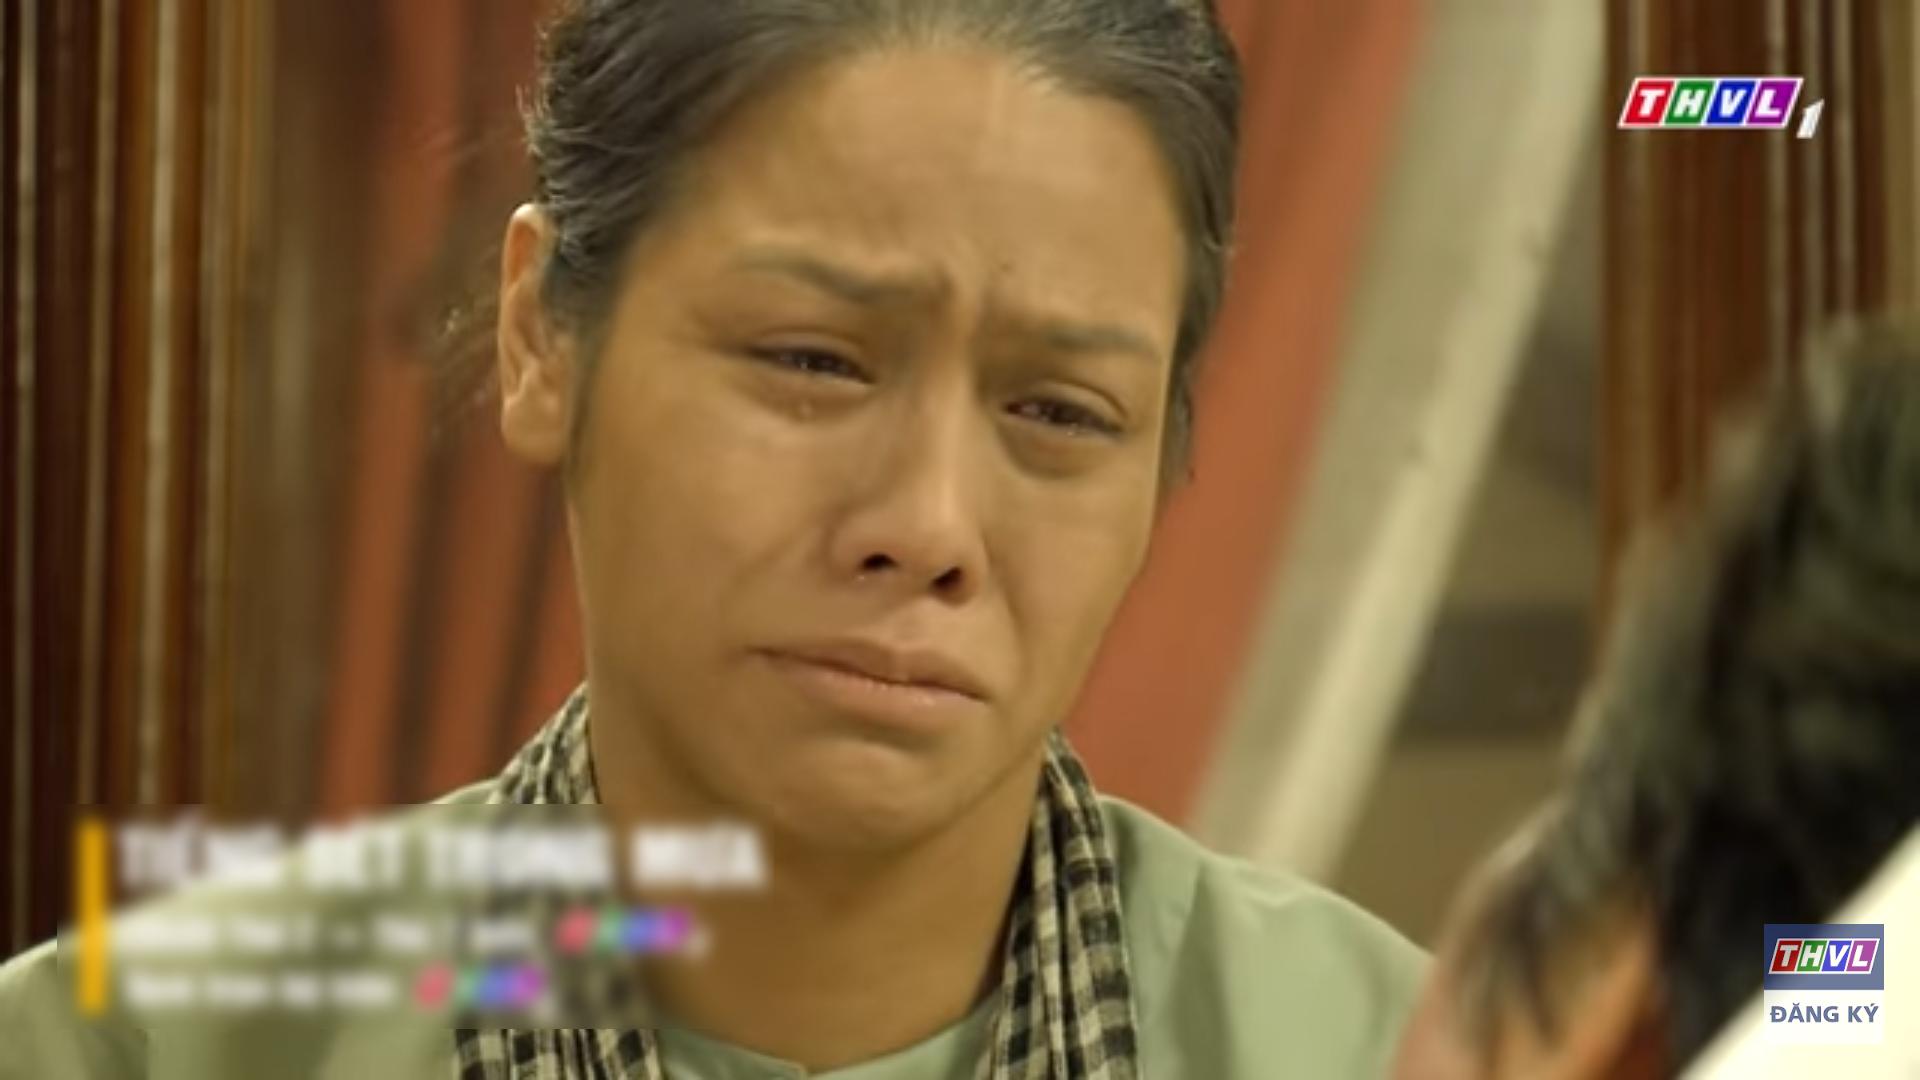 'Tiếng sét trong mưa' trailer tập 42: Hai Sáng lại 'tạo nghiệp' mới, sát hại chồng bà Lẫm vì bị dằn mặt? 7